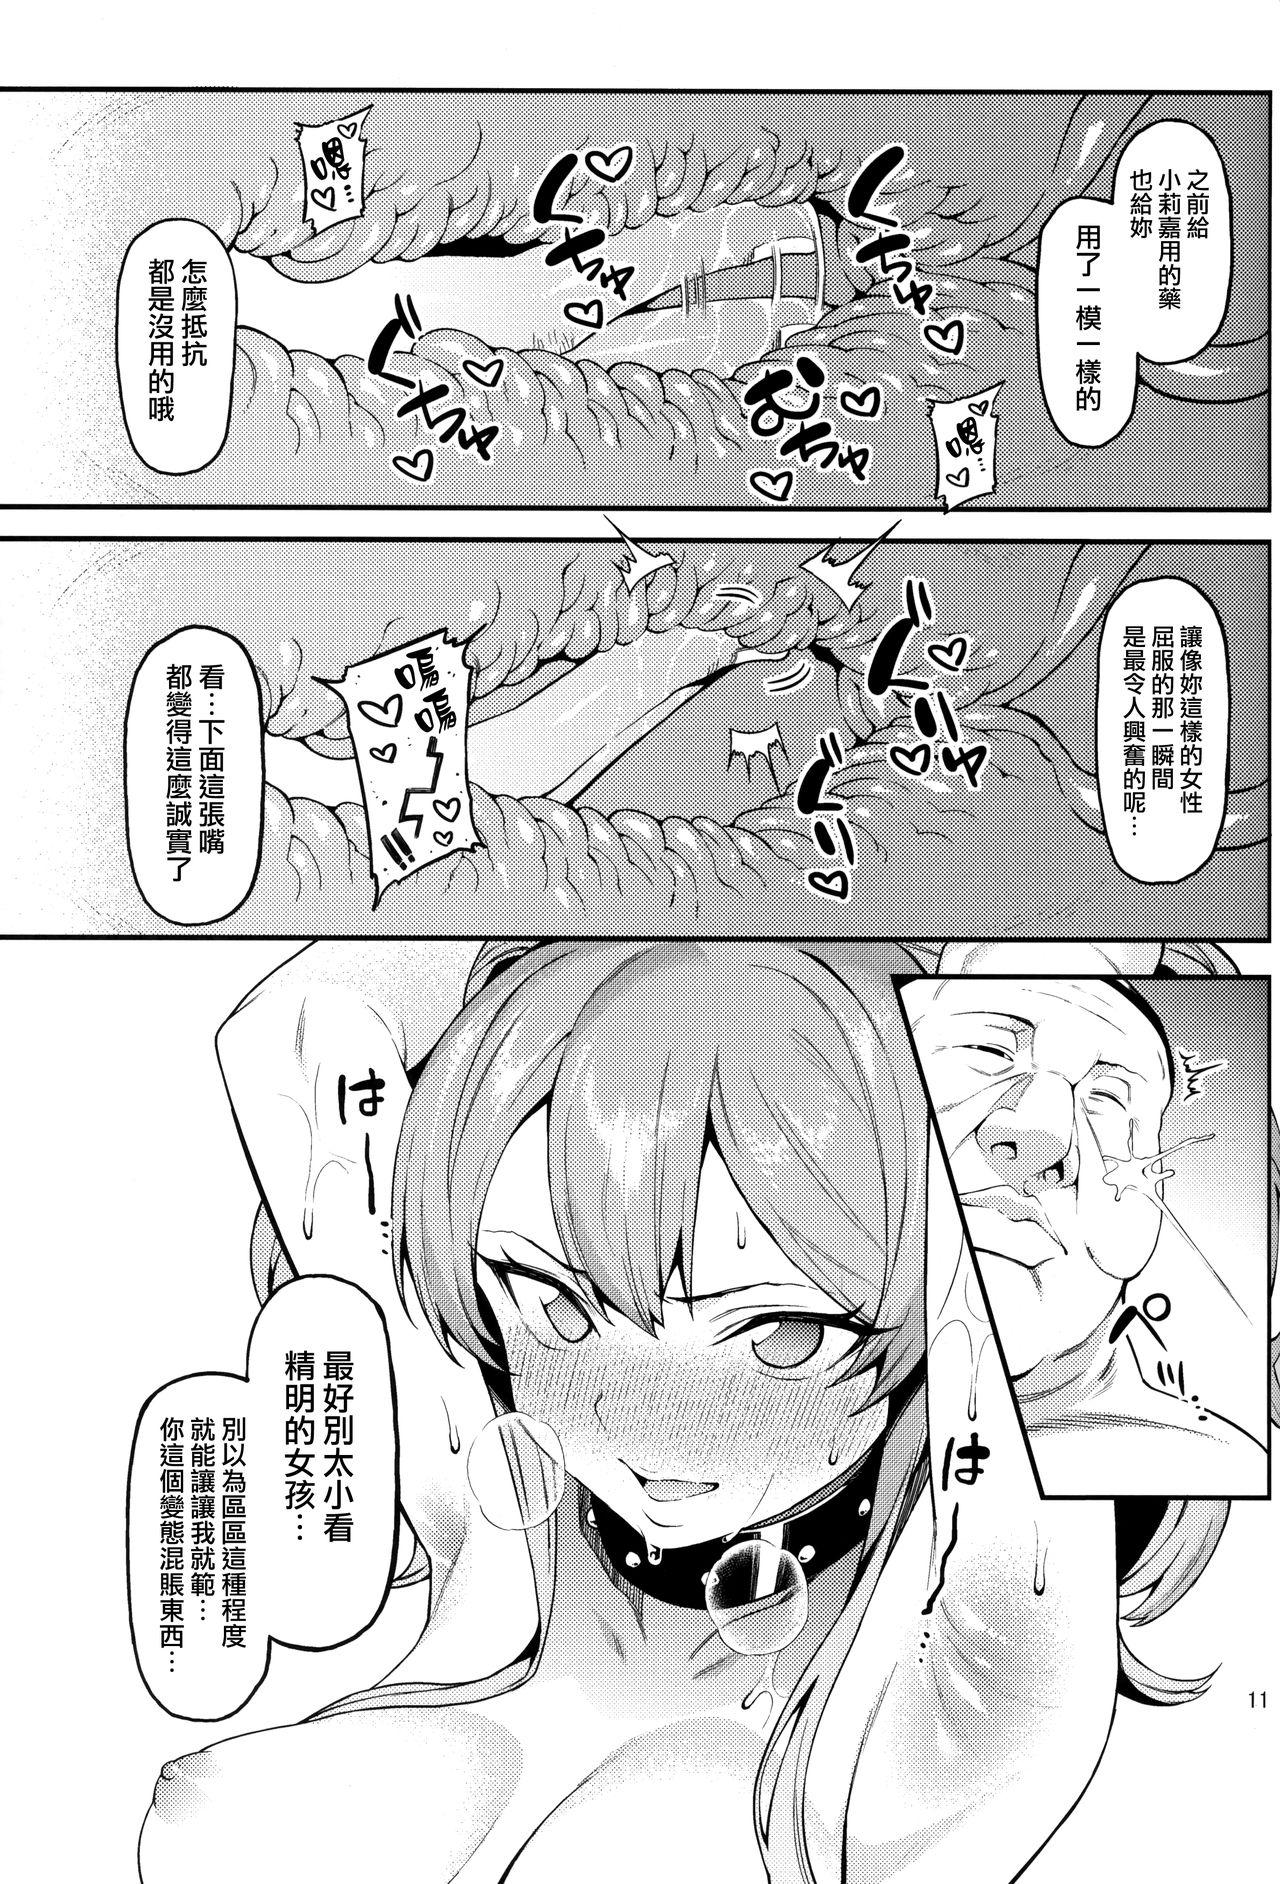 Rika, Shimai de Issho ni Mootto Otona ni Shiteageyou. 11